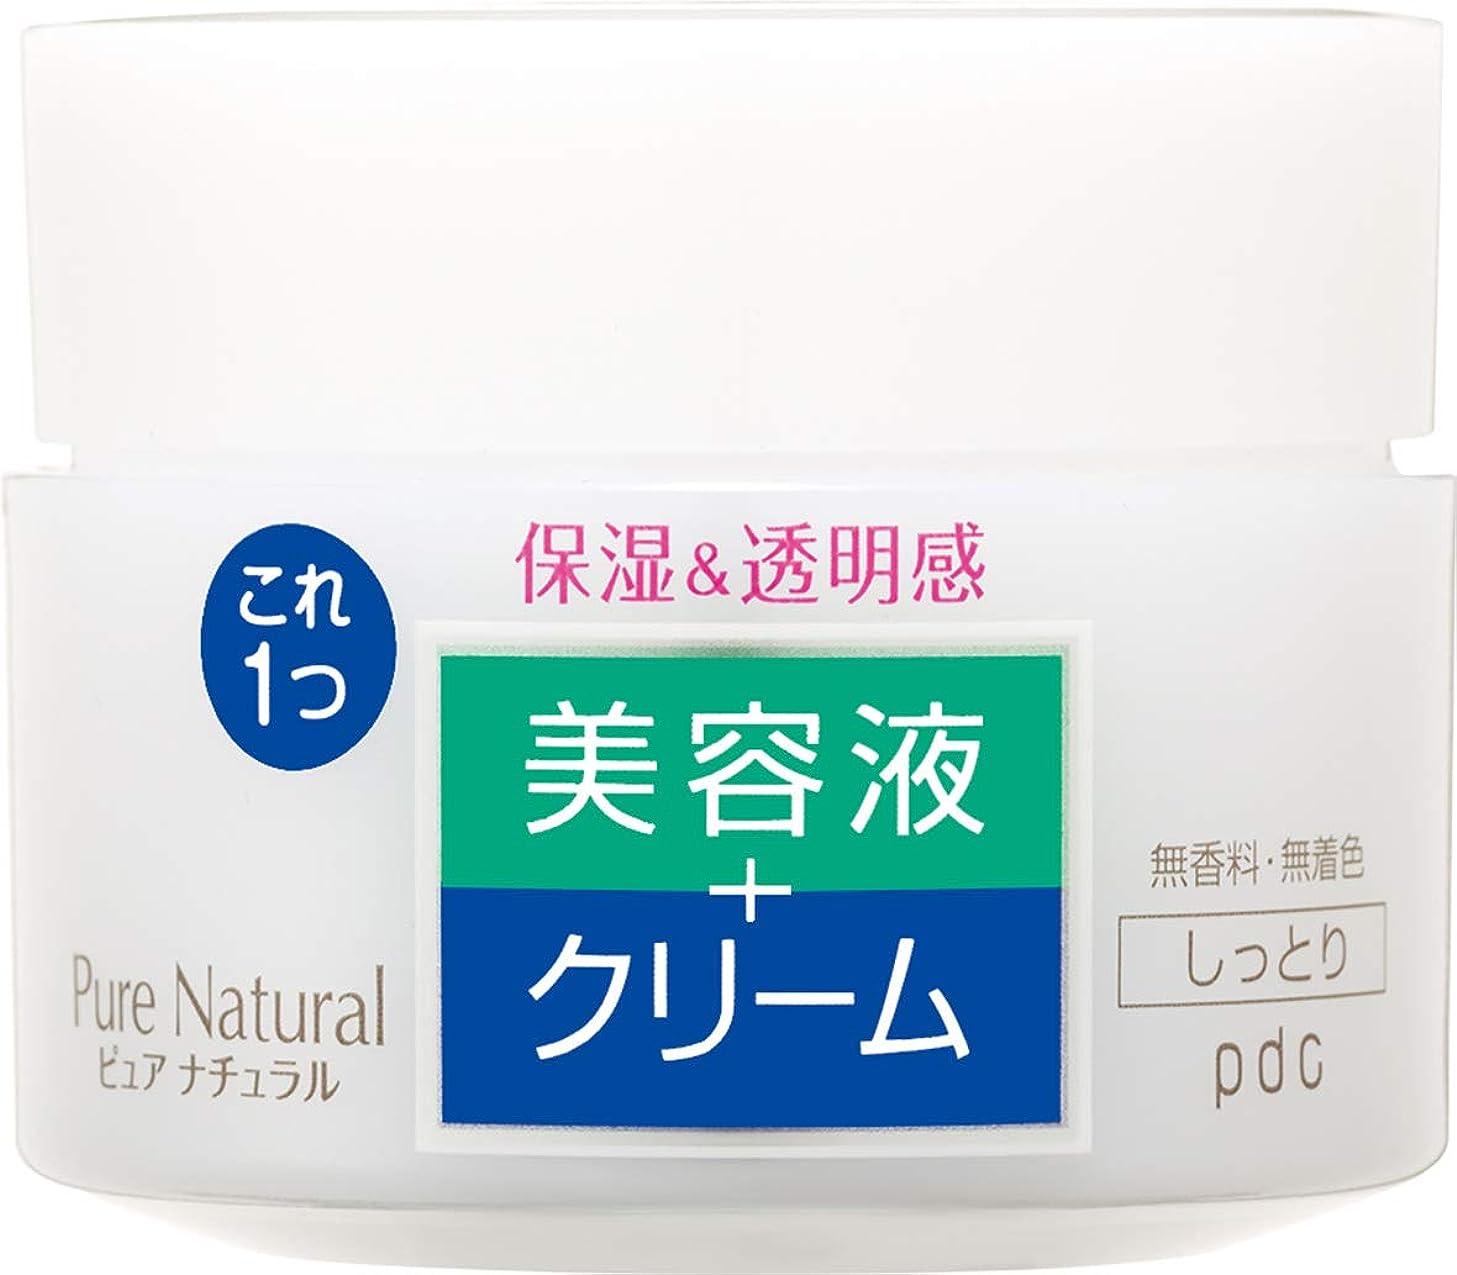 暴露写真を撮る食事Pure NATURAL(ピュアナチュラル) クリームエッセンス モイスト 100g